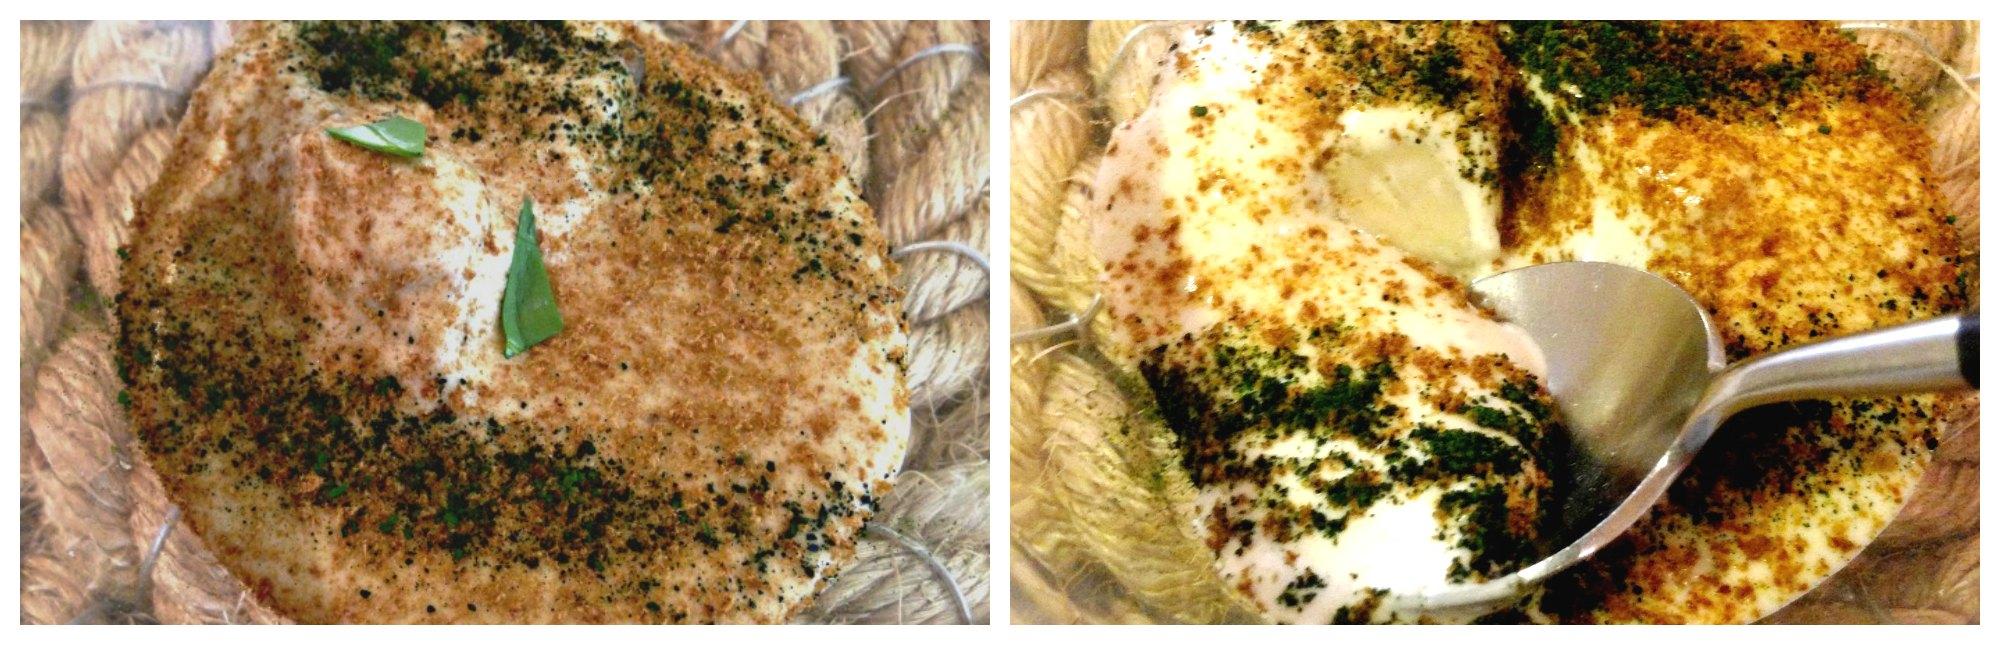 Aponiente: ostra escabechada en soja y manzanilla